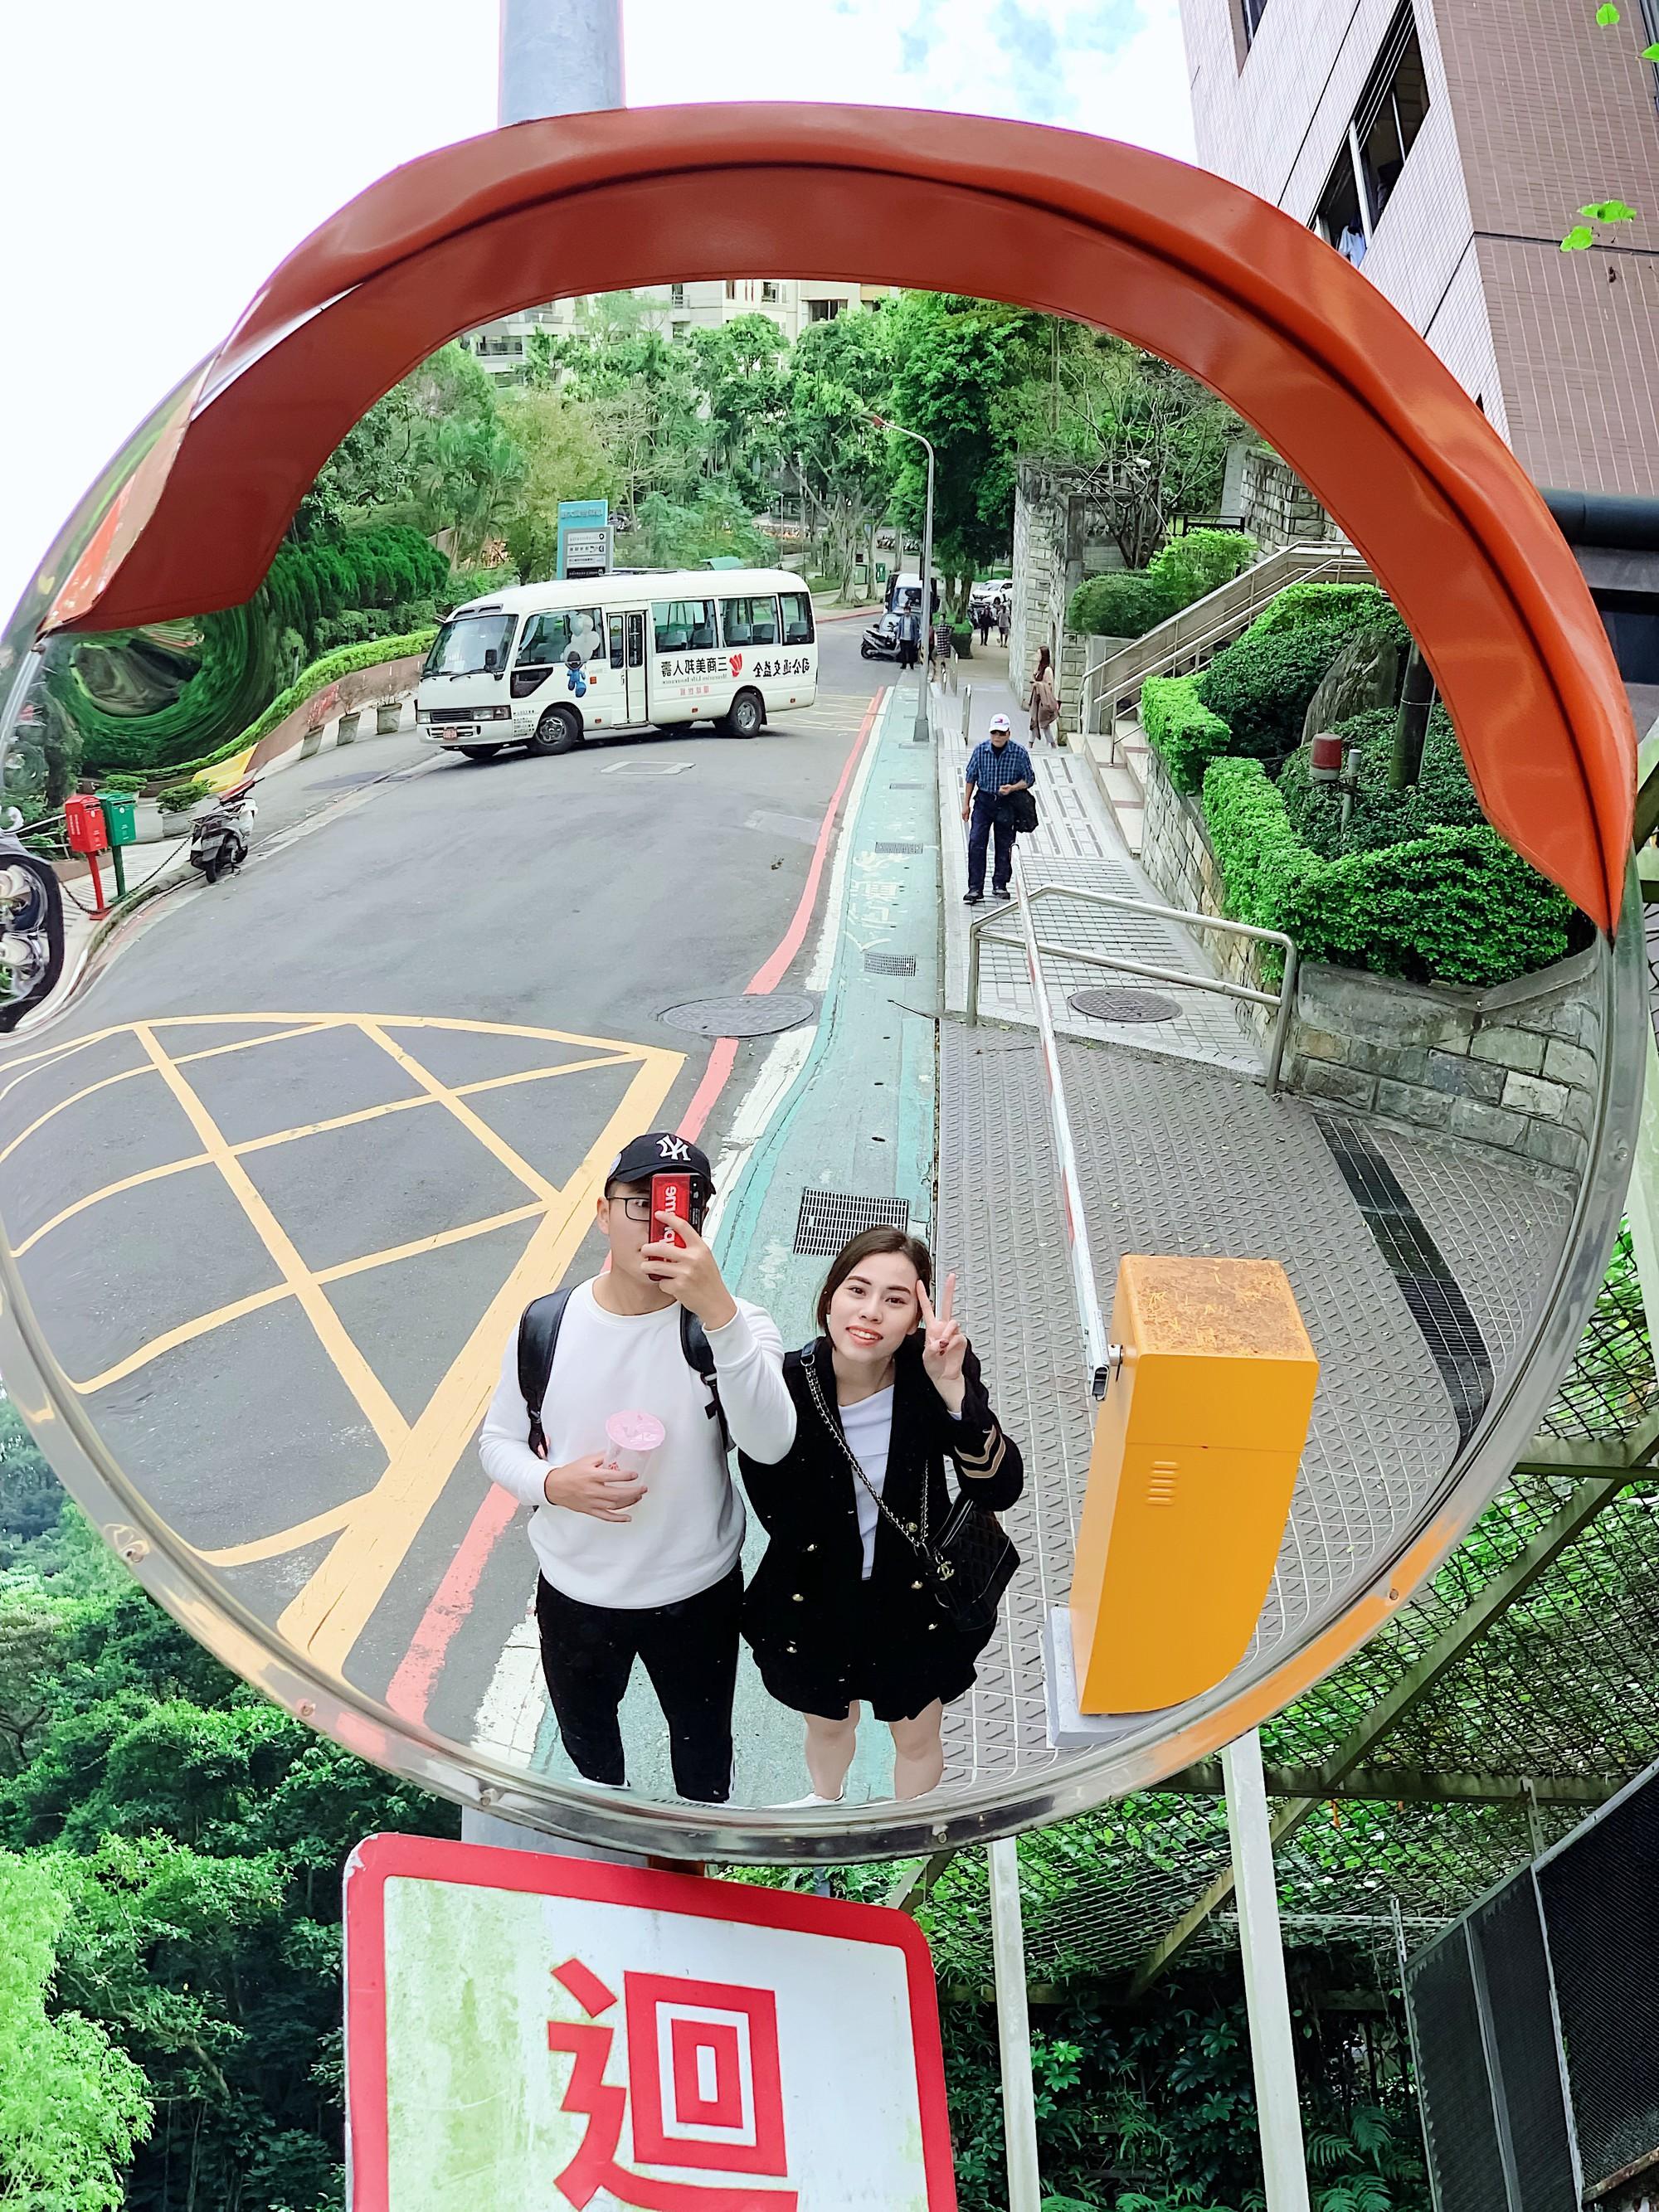 Tất tần tật kế hoạch du lịch tự túc Đài Bắc, không xem thì phí lắm đó! - Ảnh 16.